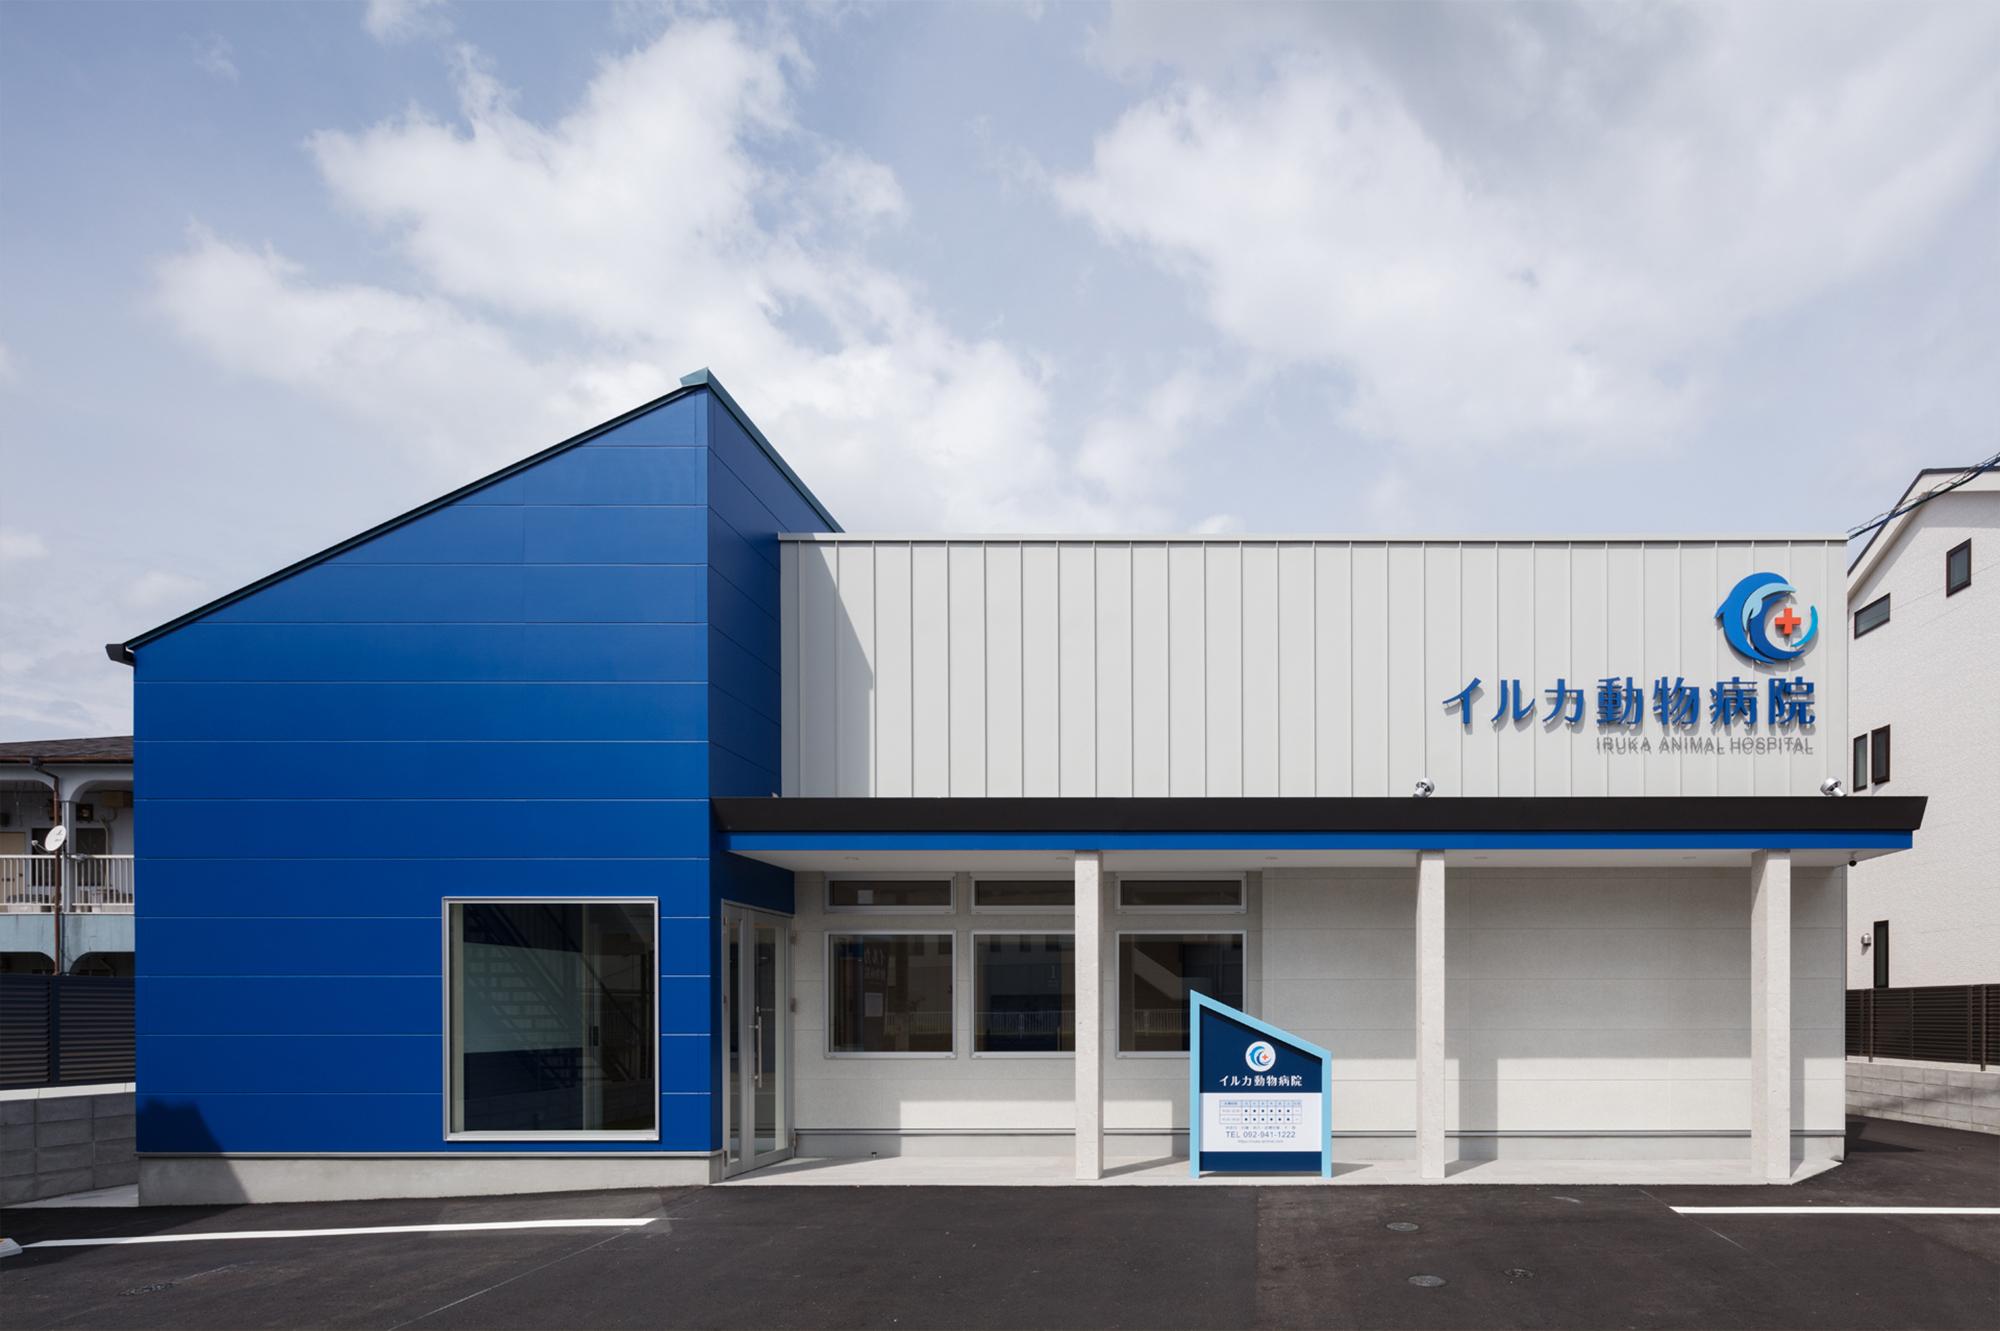 福岡県古賀市千鳥のイルカ動物病院のホームページです。